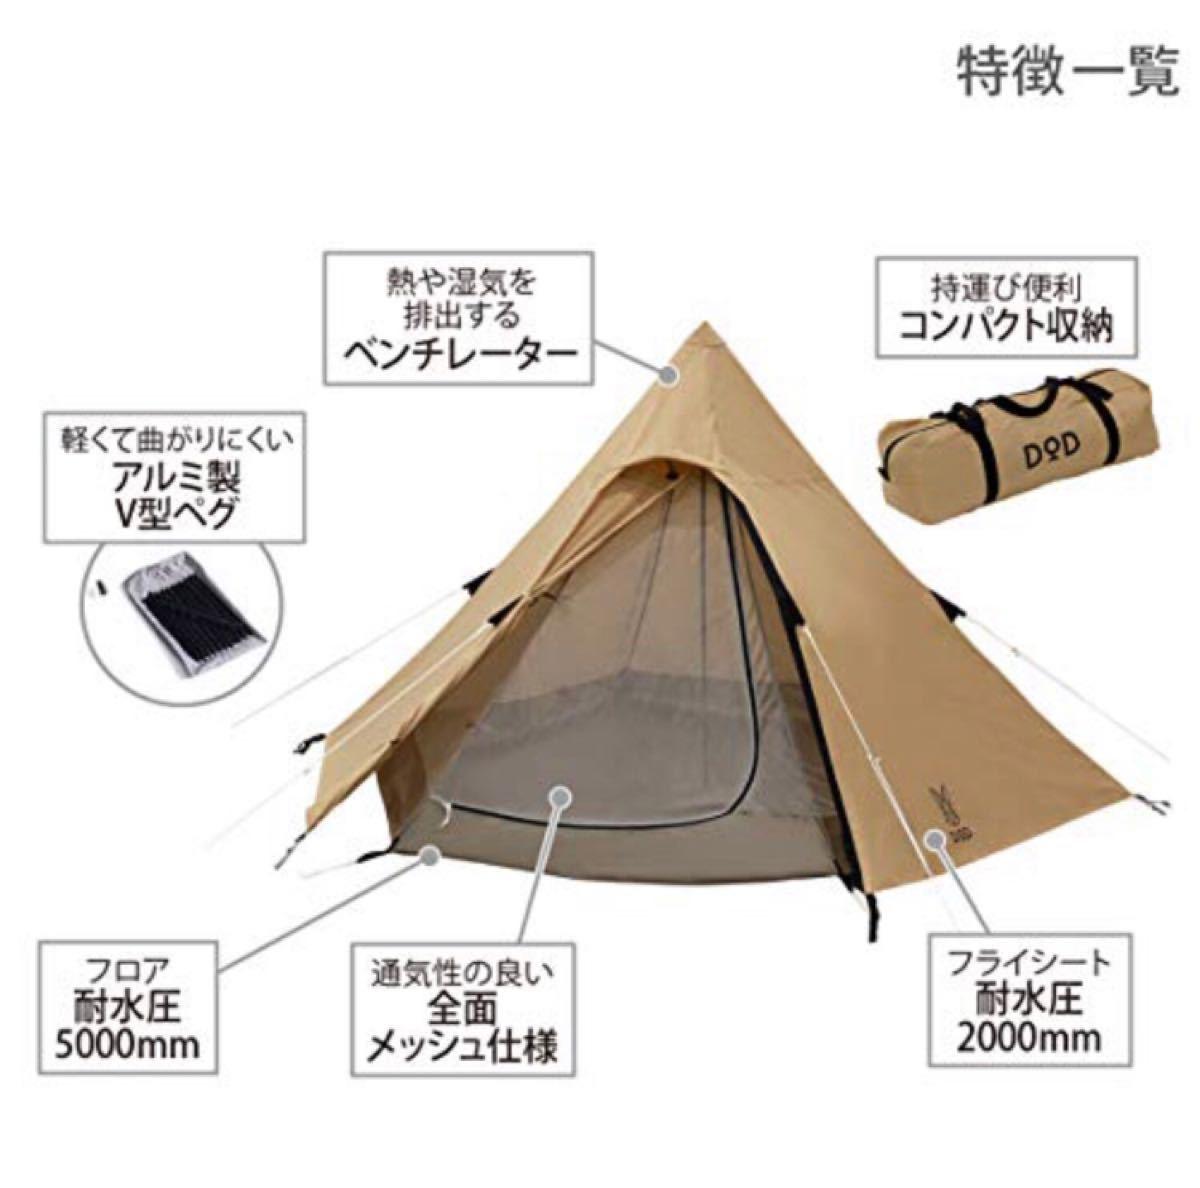 ☆新品未使用☆ DOD ワンポールテントS T3-44-TN タン 3人用テント